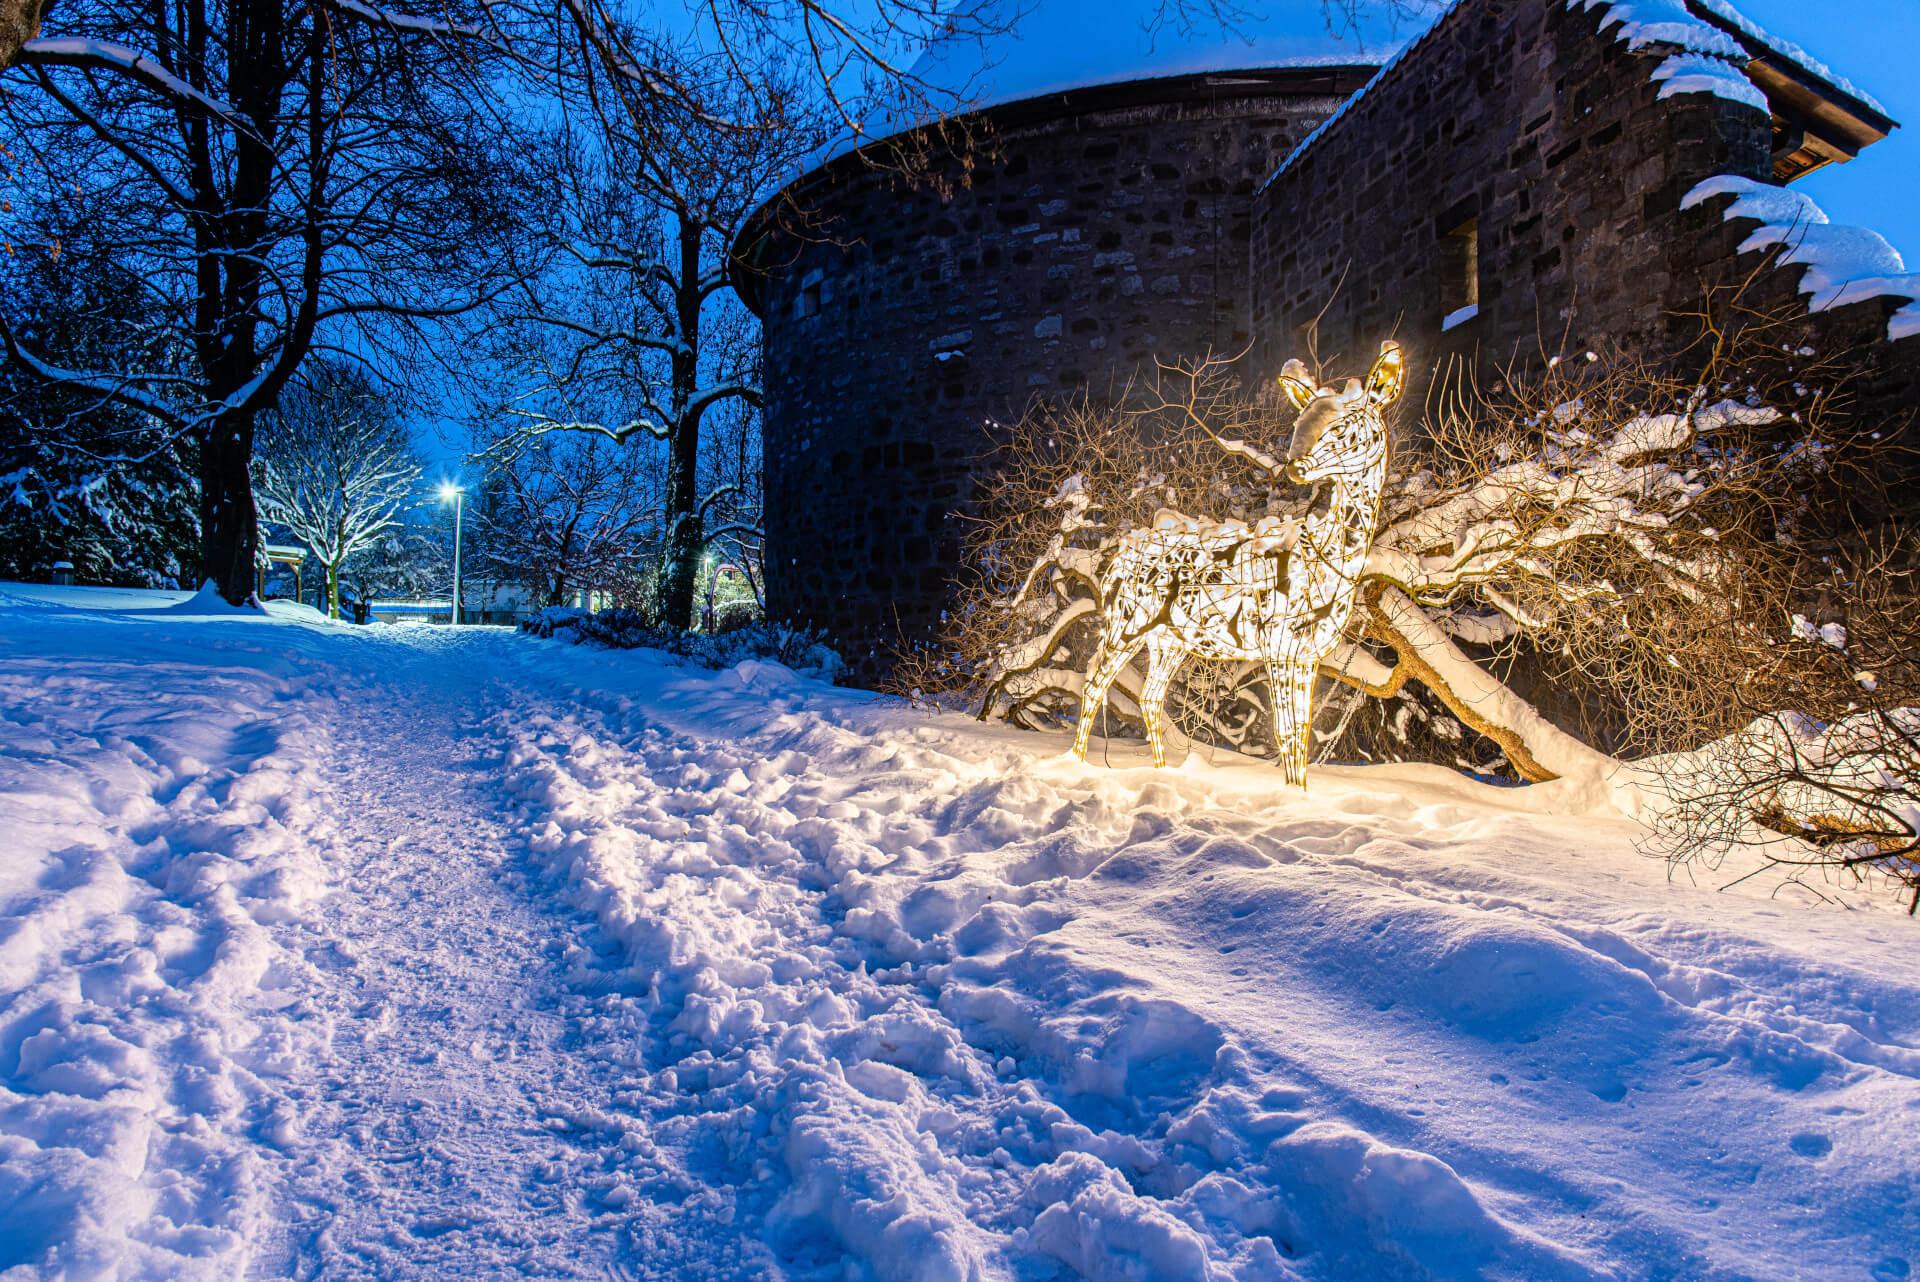 Lichterzauber im Schnee, Reh